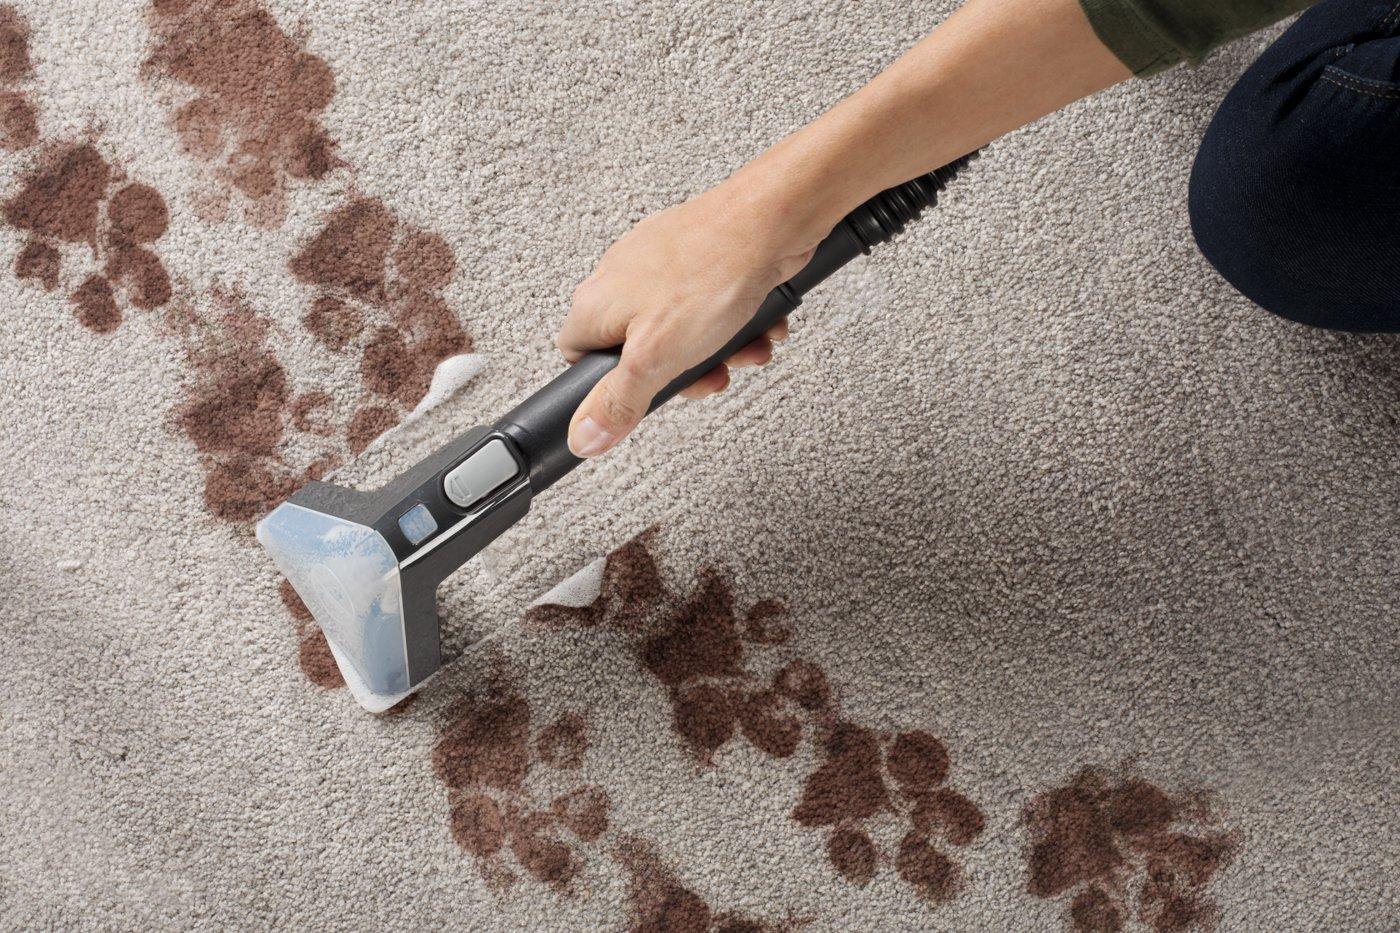 Power Scrub Elite Pet Plus Carpet Cleaner6